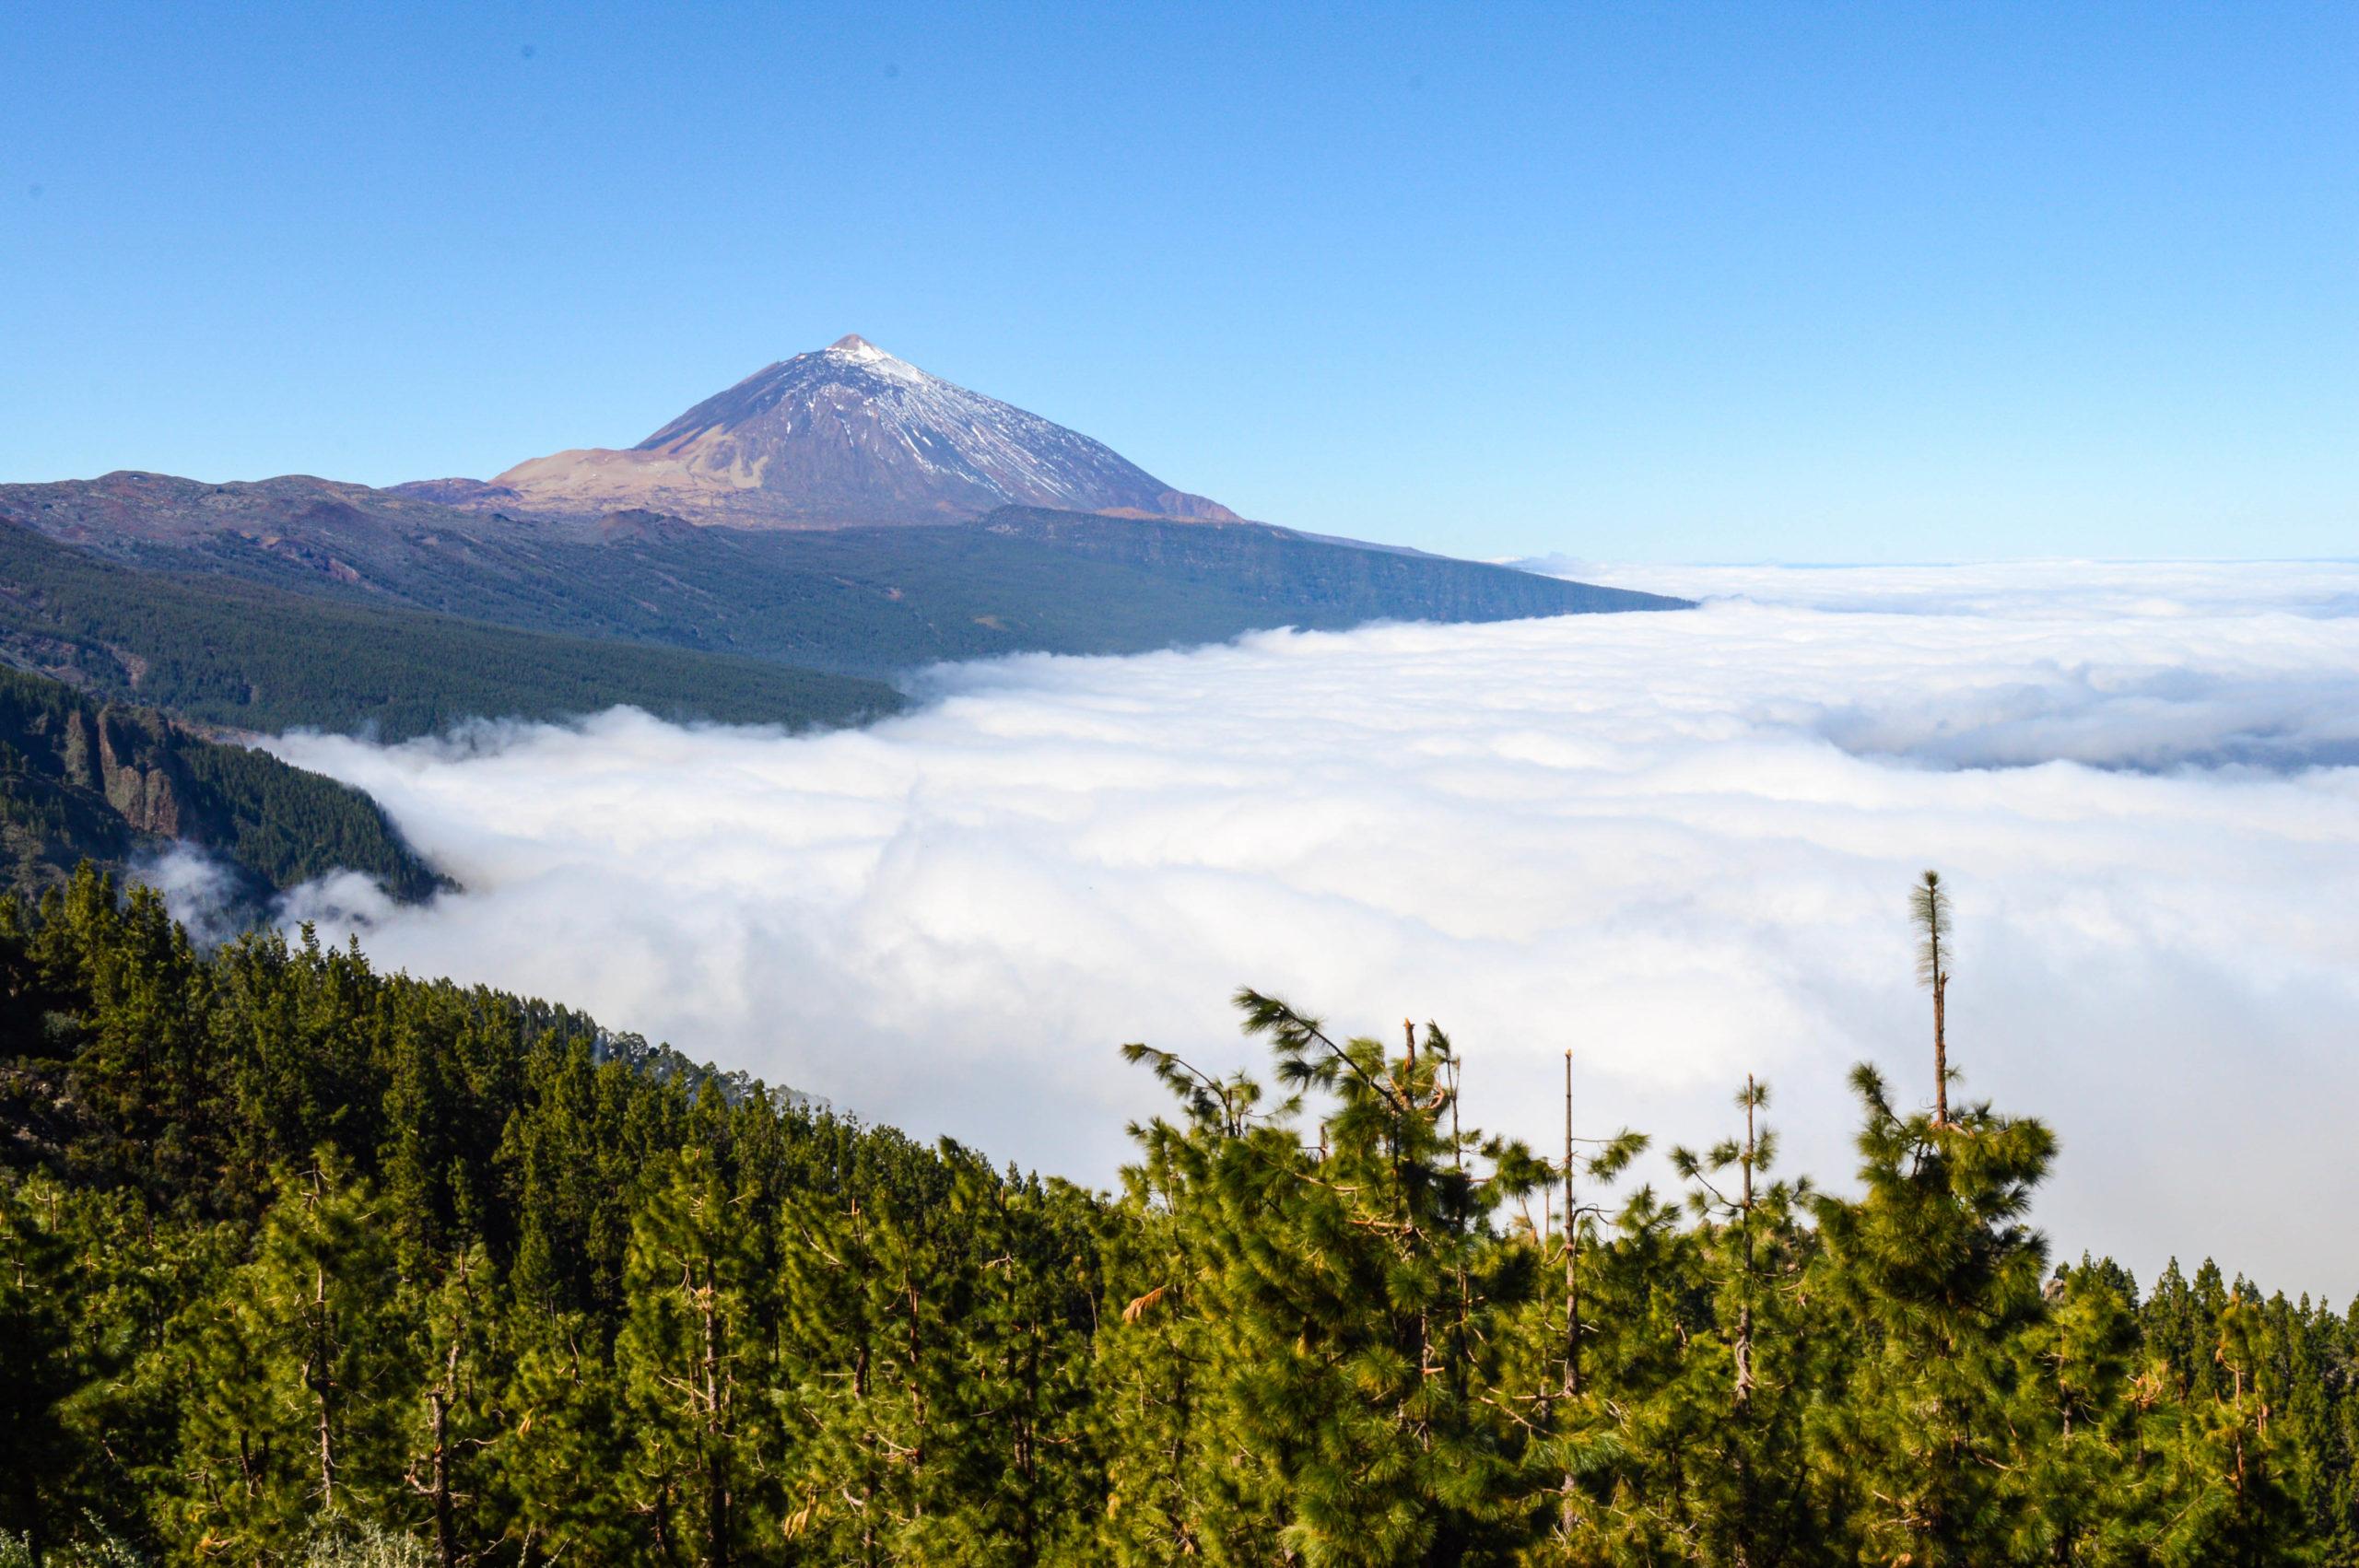 le volcan teide derrière une mer de nuage sur Tenerife, dans les Canaries